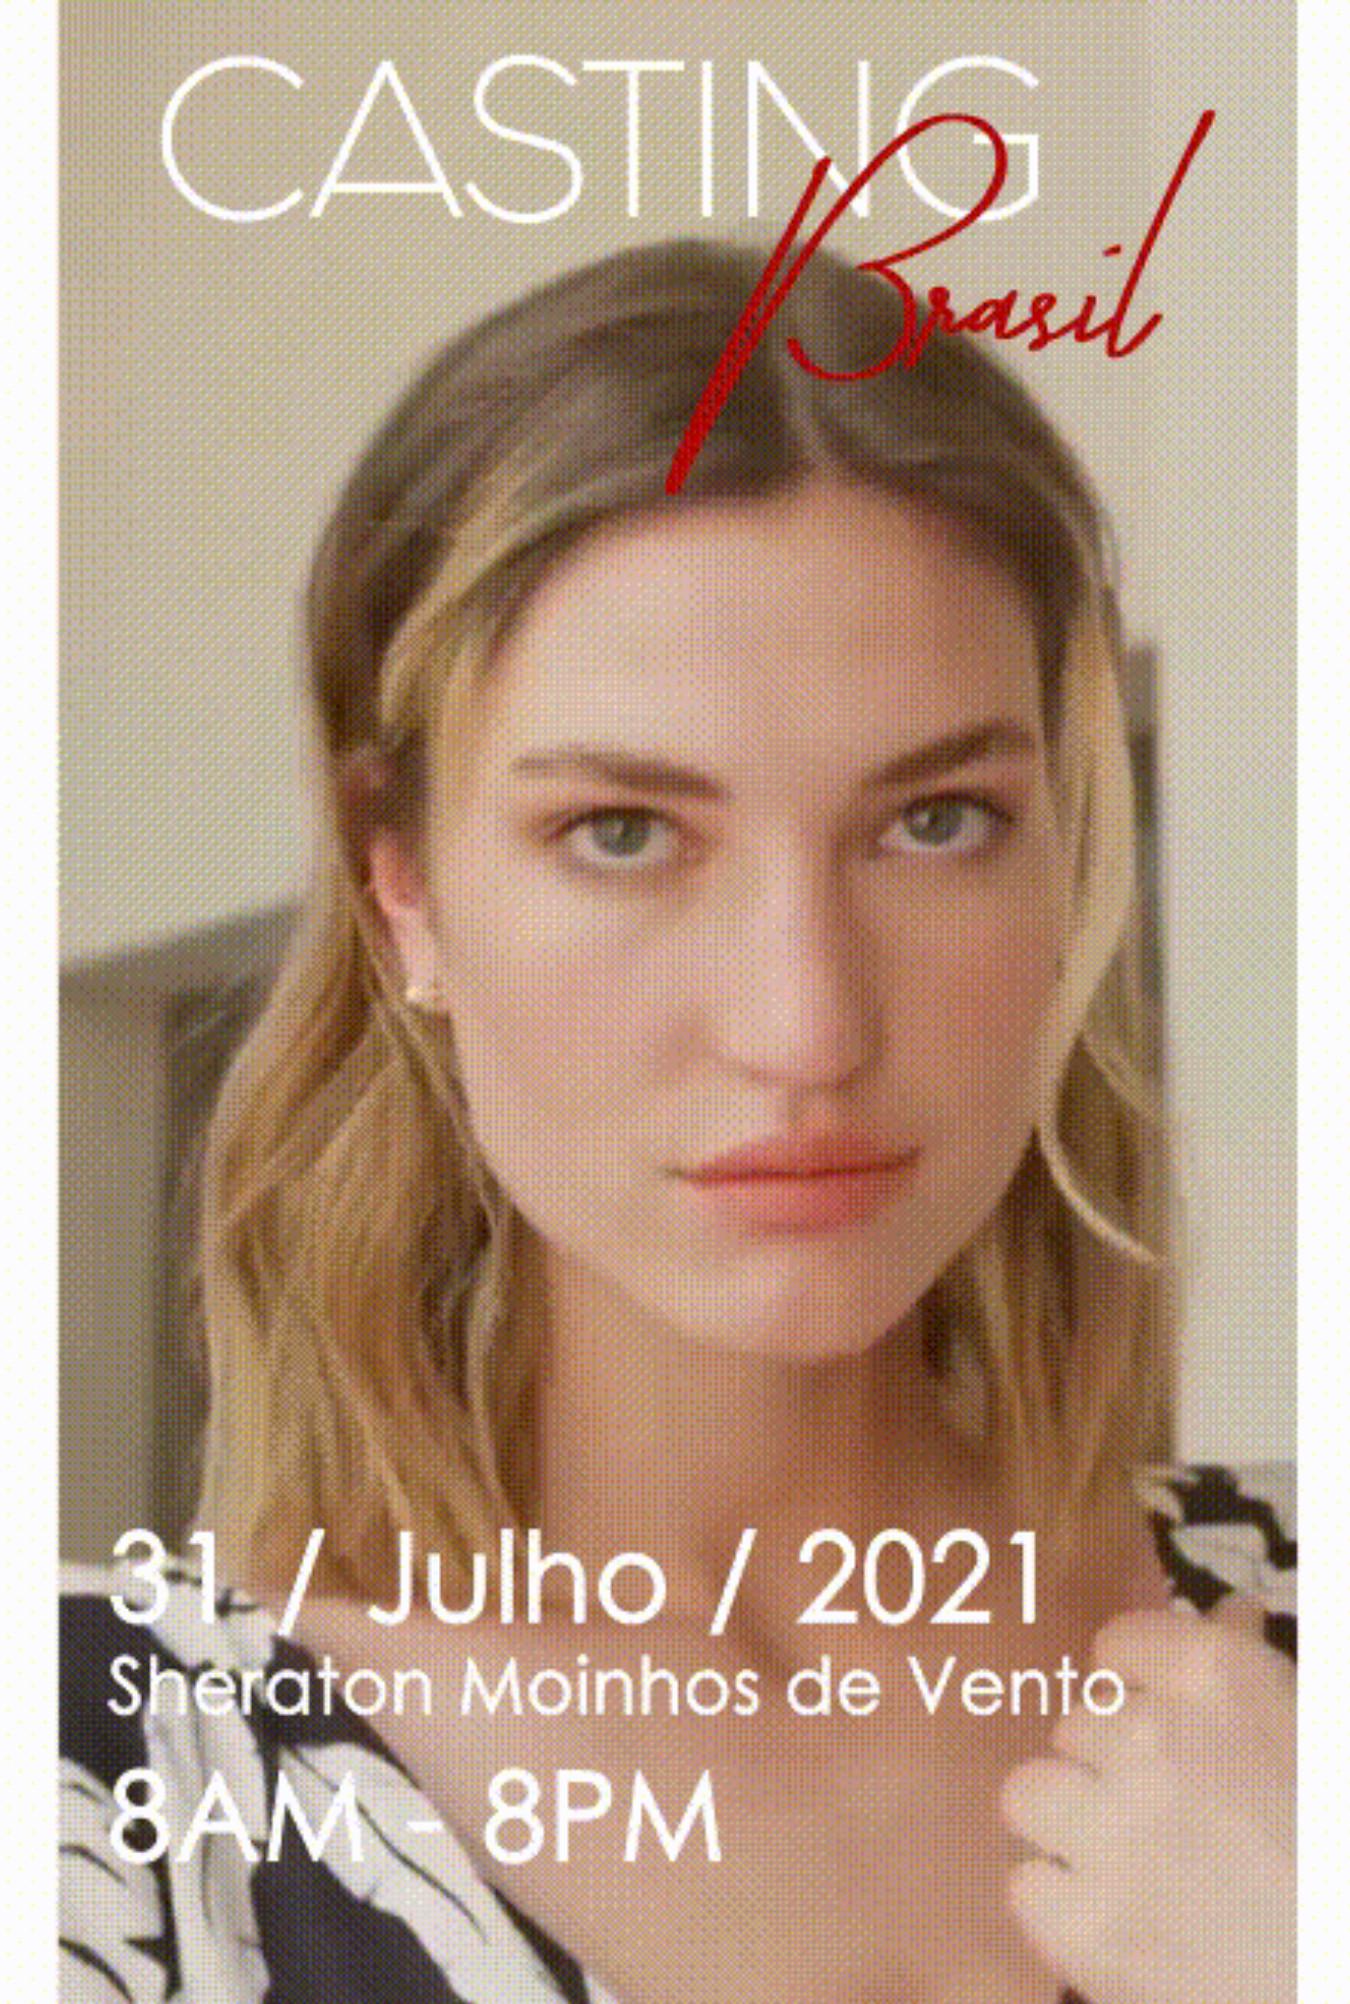 Agora é o momento do Brasil para nosso casting!!